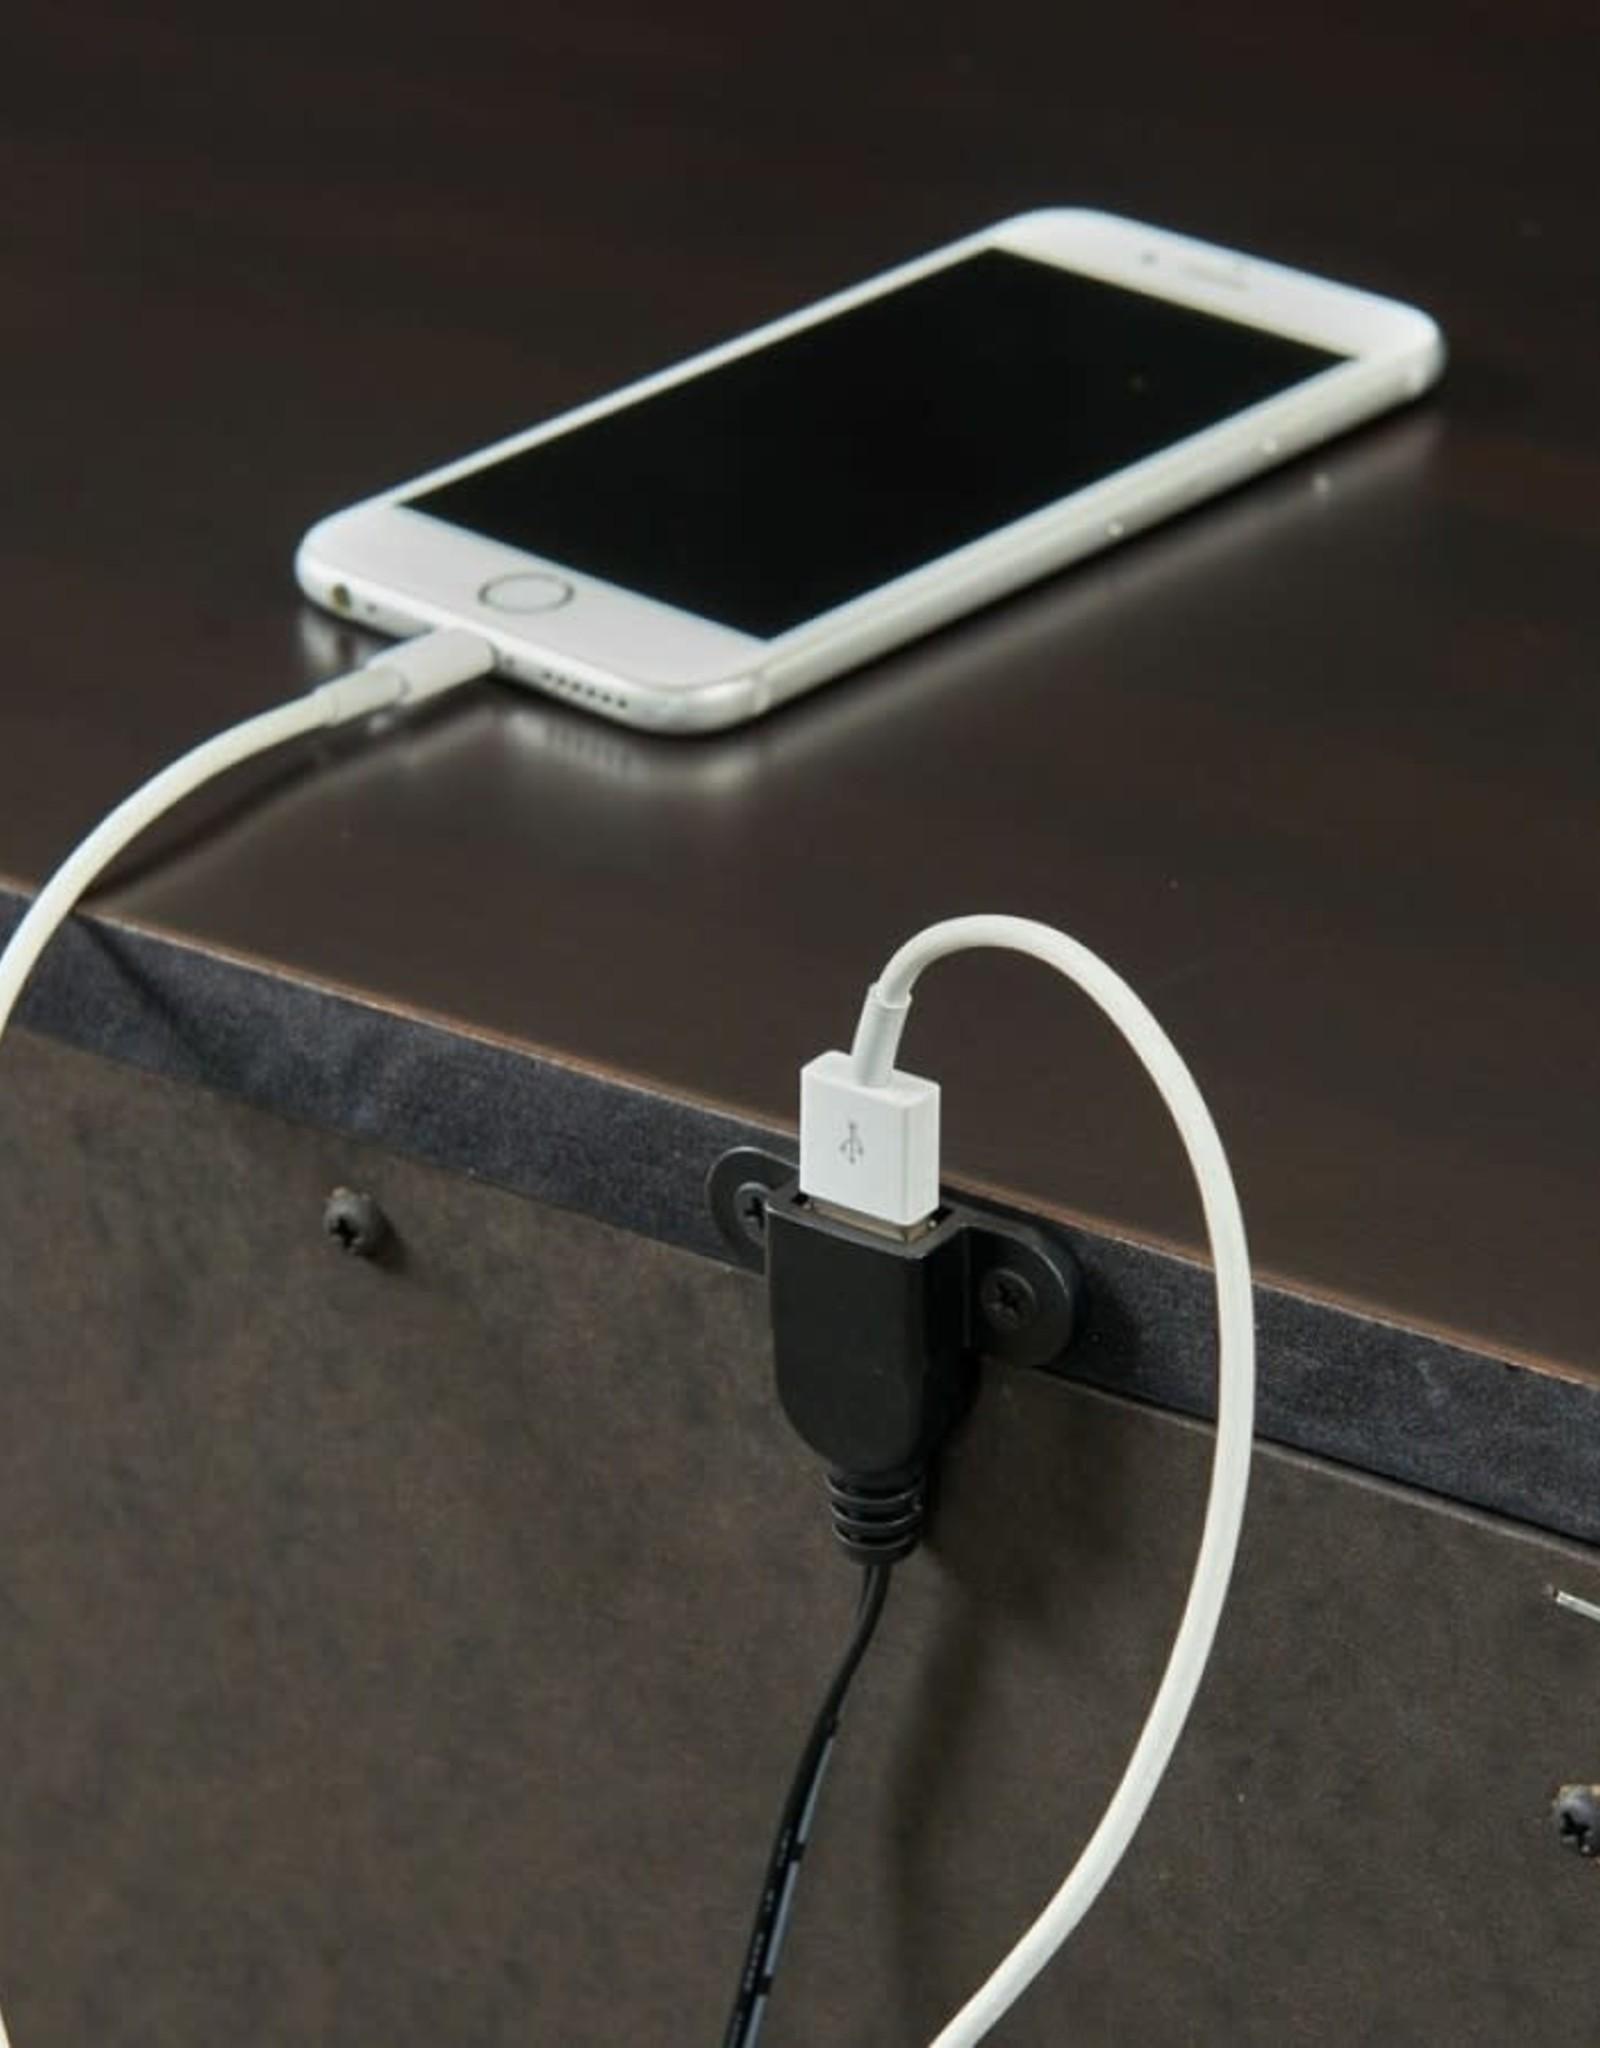 SouthCo Slater Nightstand w/ USB Charging Port - Black